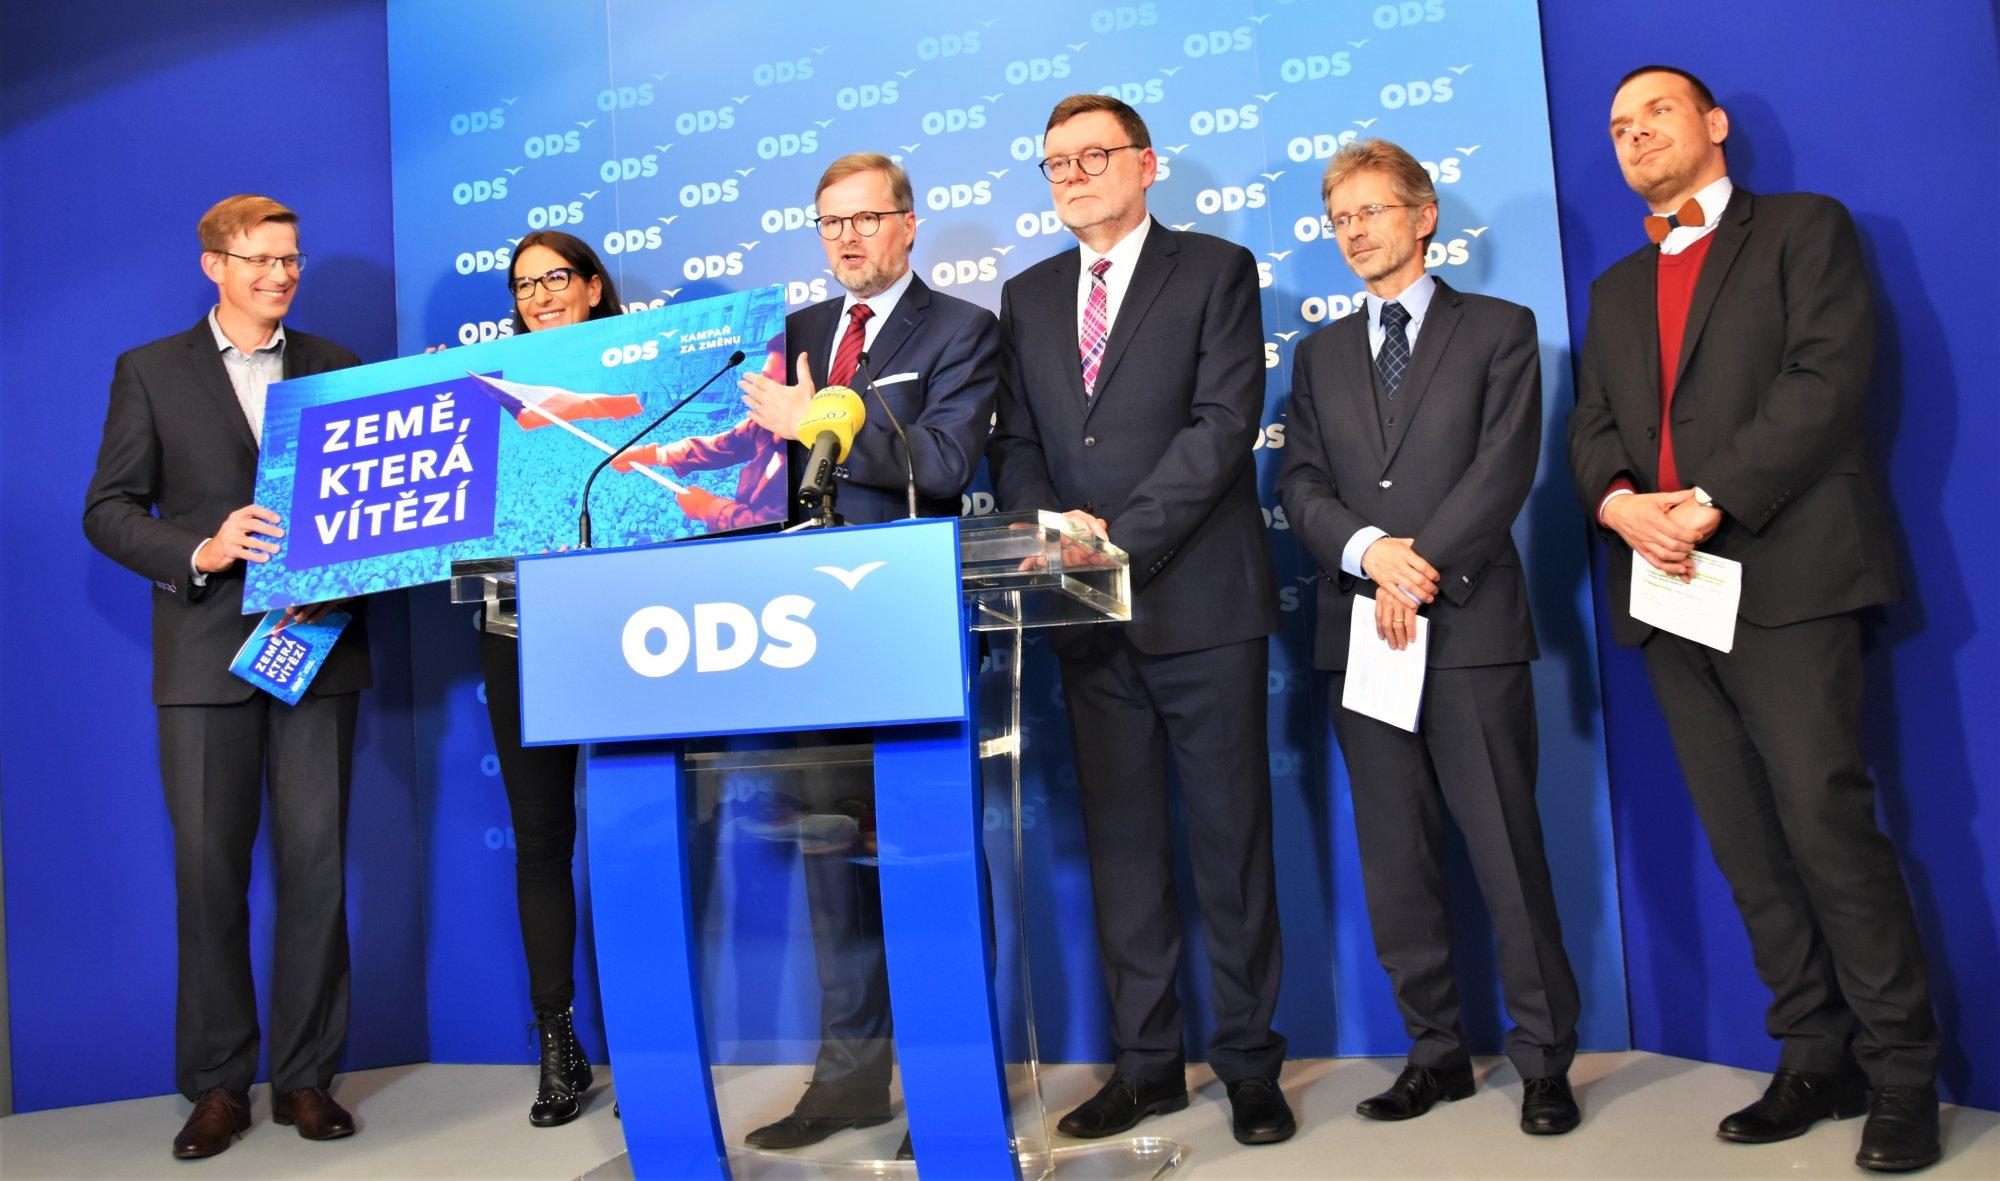 ČR musí být země, která vítězí, představujeme kampaň za změnu